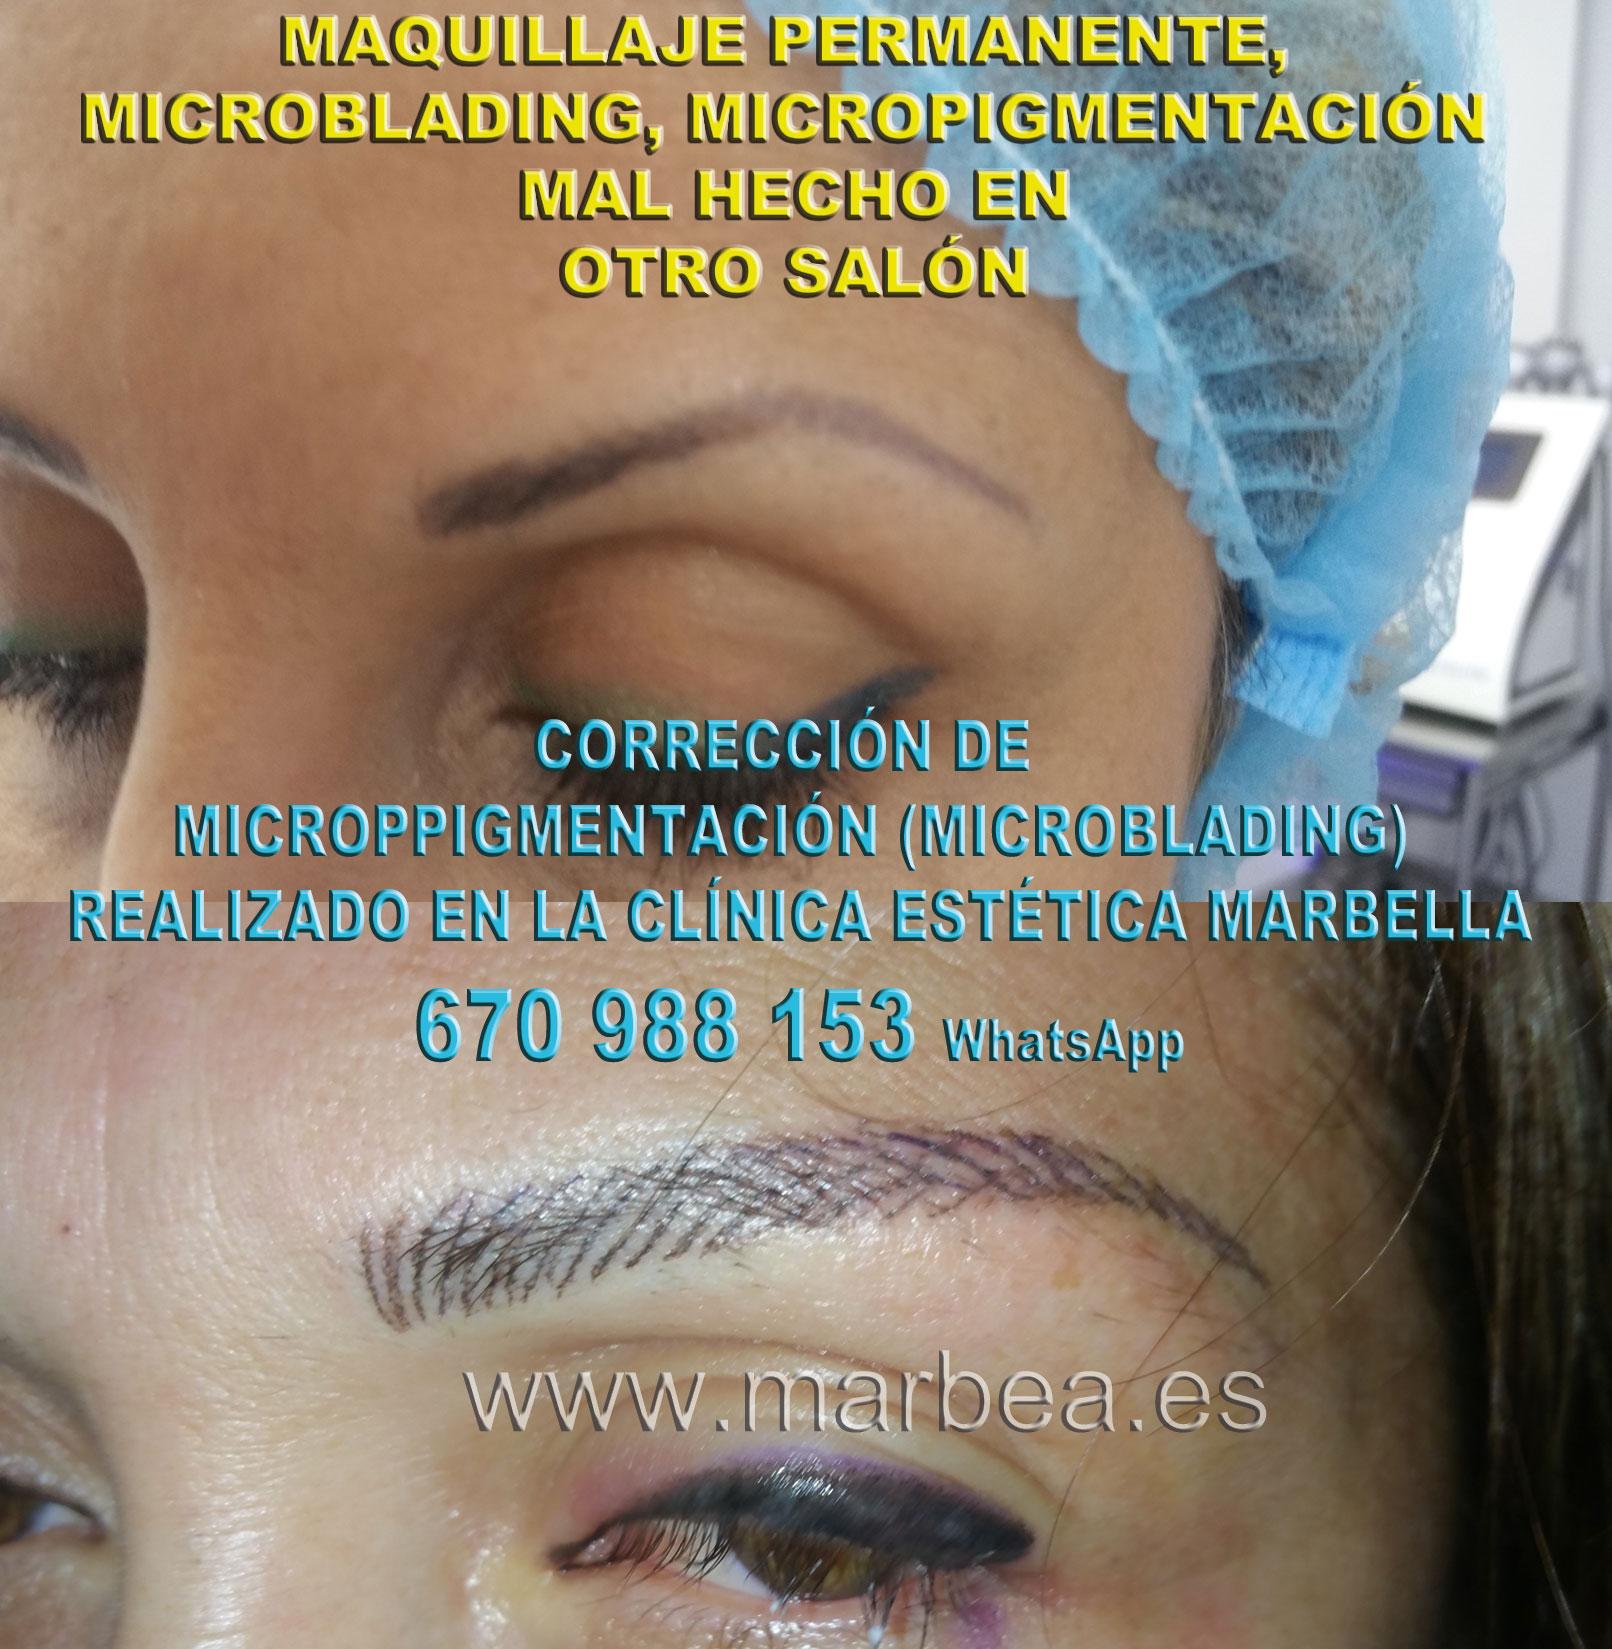 ELIMINAR TATUAJE CEJAS clínica estética micropigmentación propone micropigmentacion correctiva de cejas,reparamos microppigmentacion mal hechos